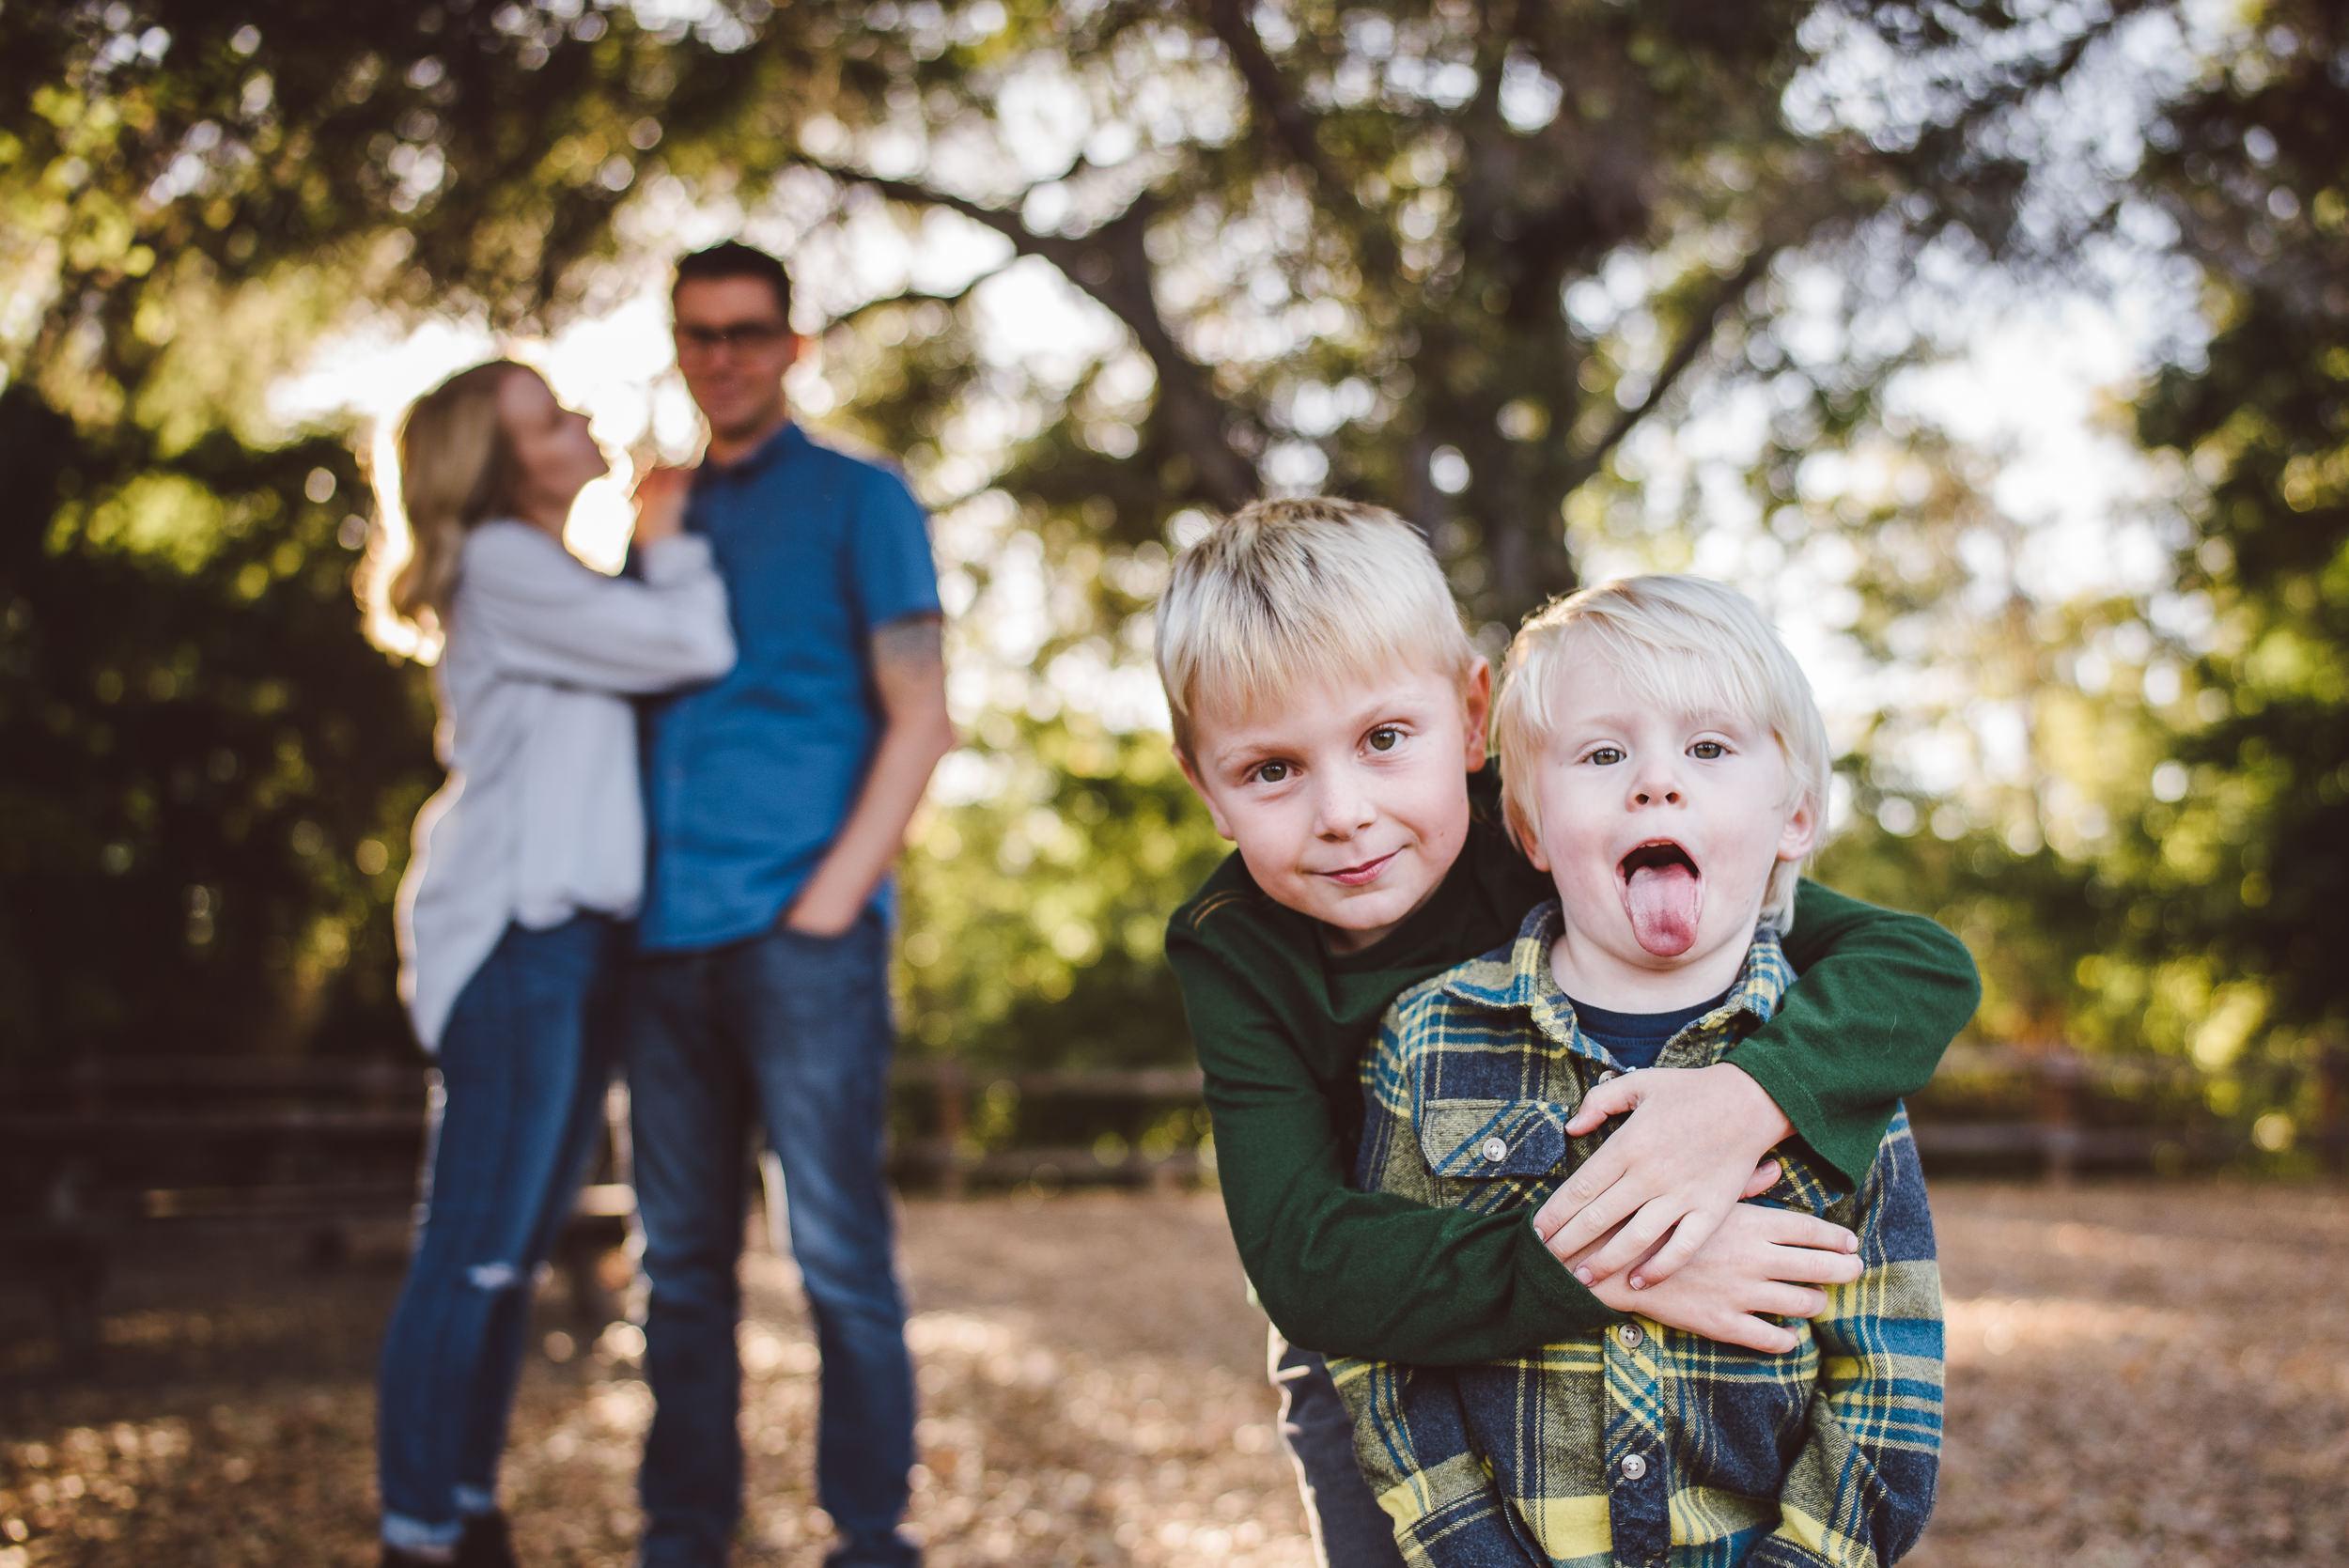 San-Francisco-Bay-Area-Family-Photography-0042.jpg